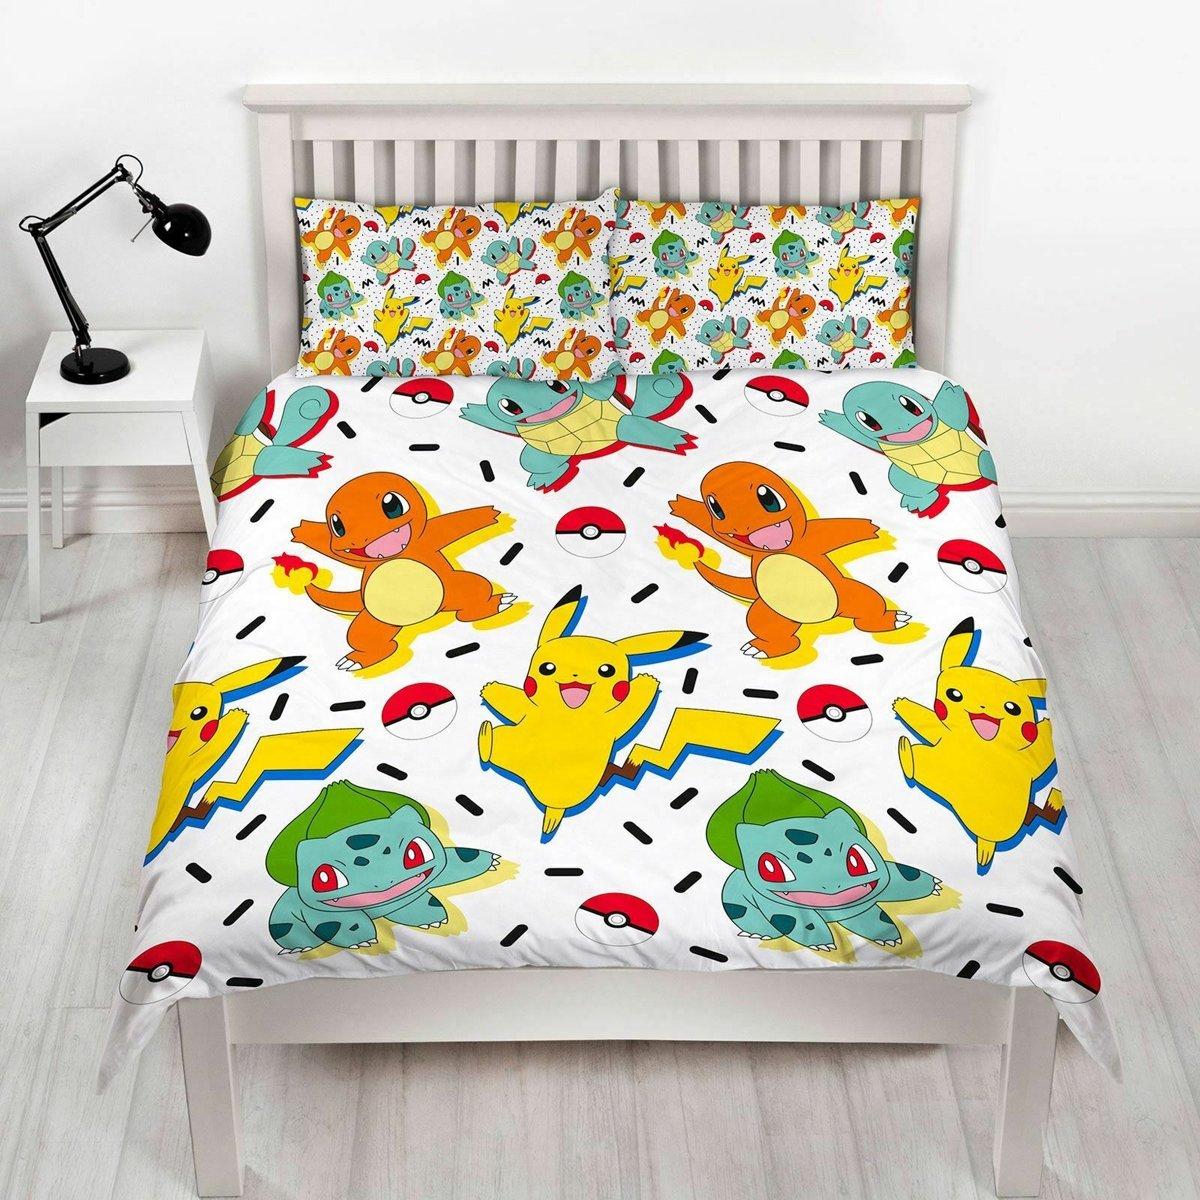 Pokémon Memphis - Dekbedovertrek - Tweepersoons - 200 x 200 cm - Multi kopen